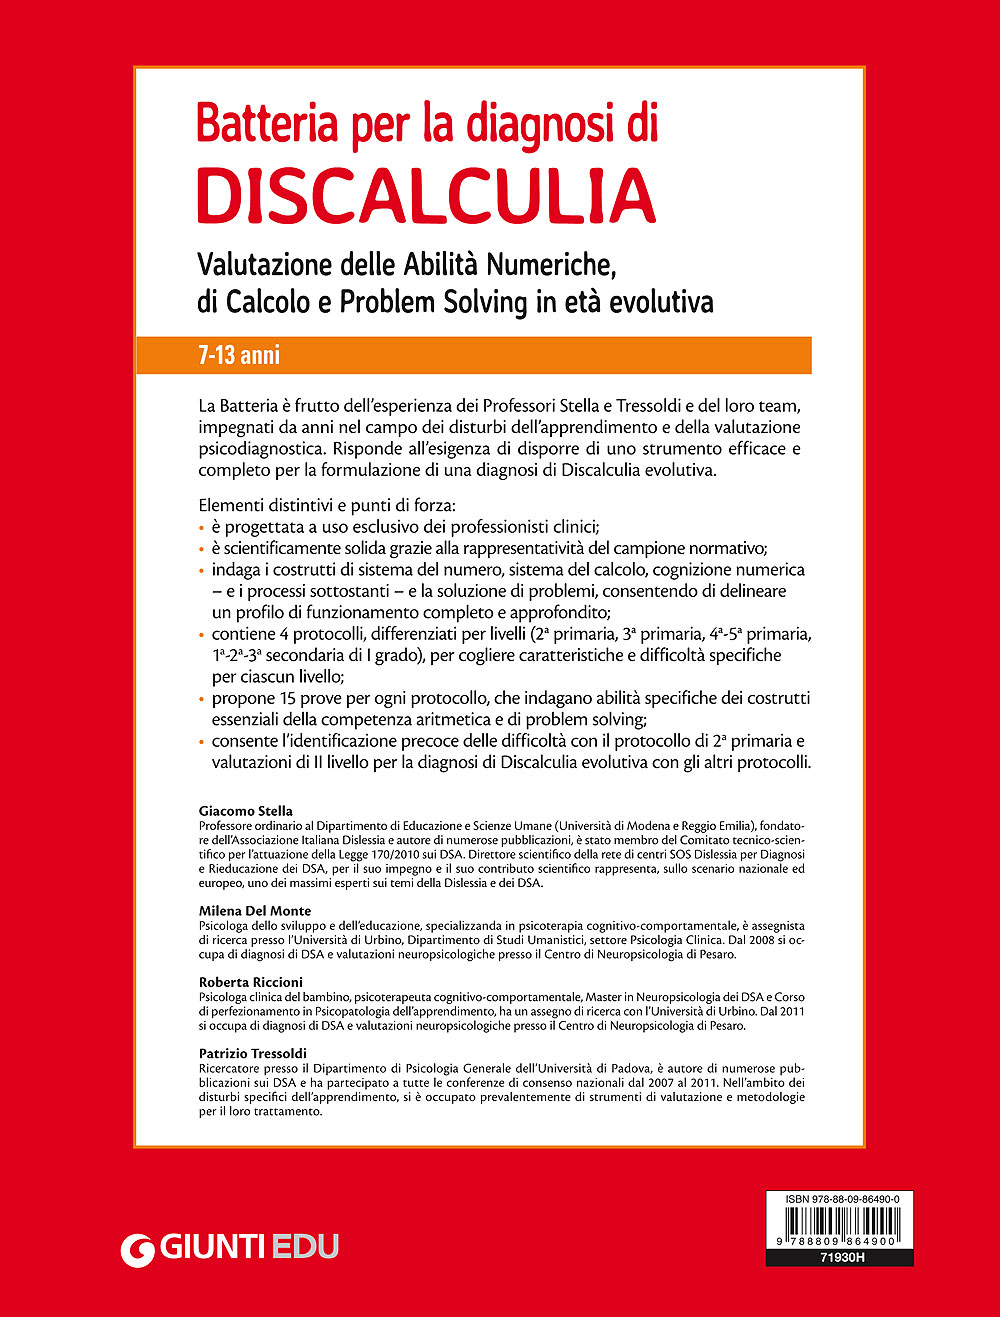 Batteria per la diagnosi di Discalculia - Kit 7-13 anni